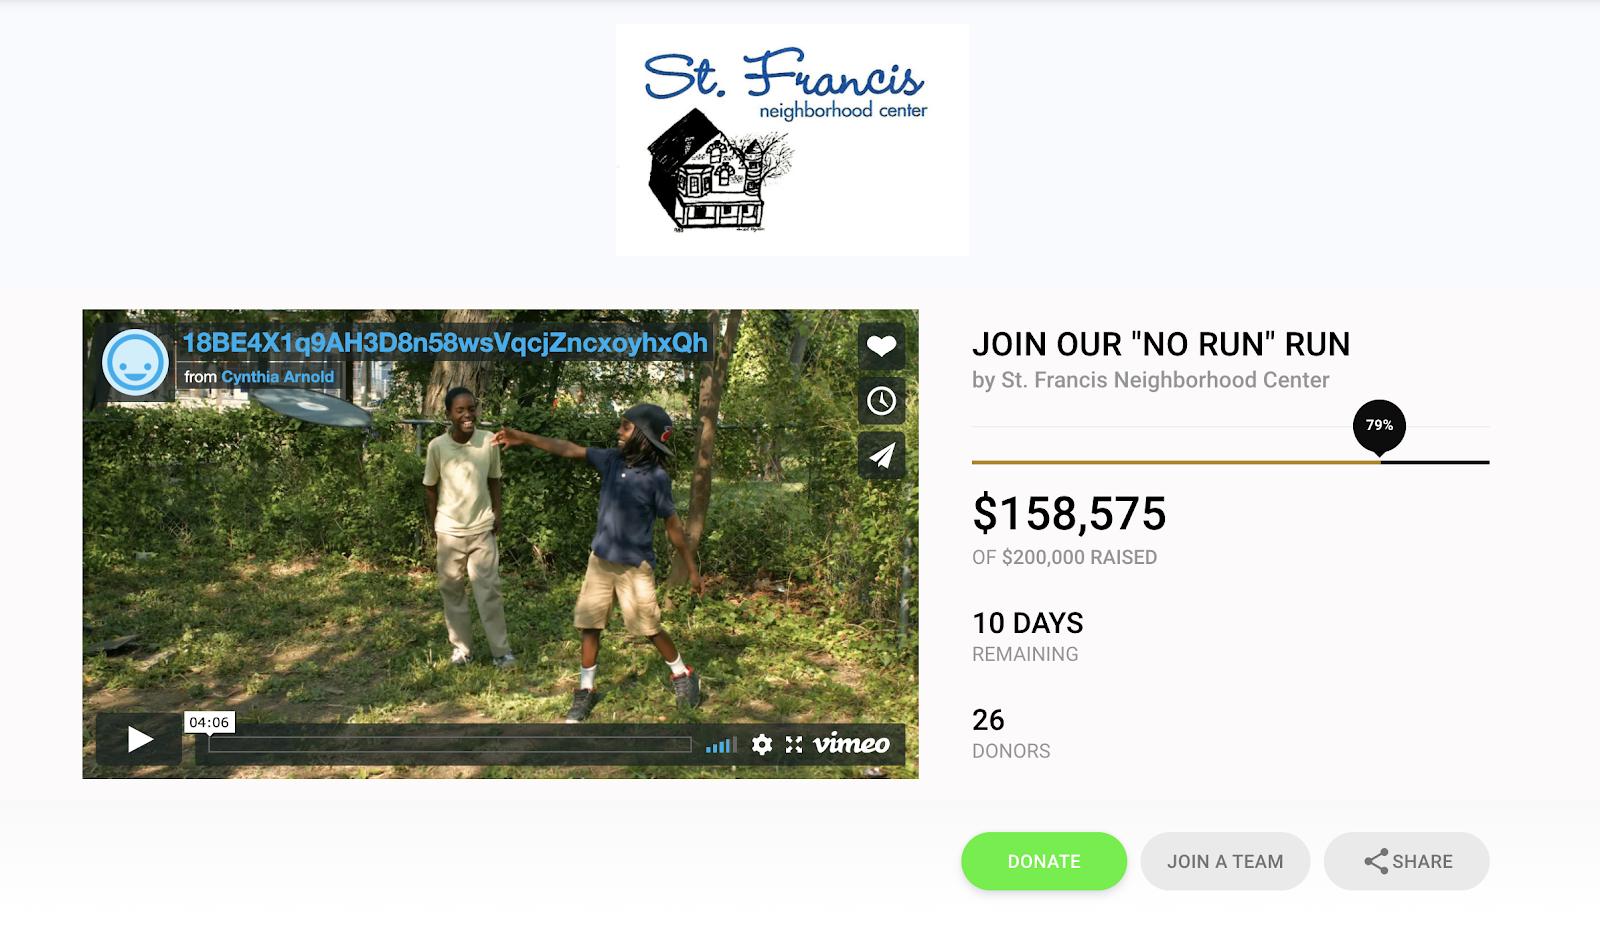 virtual-fundraising-ideas-no-run-run